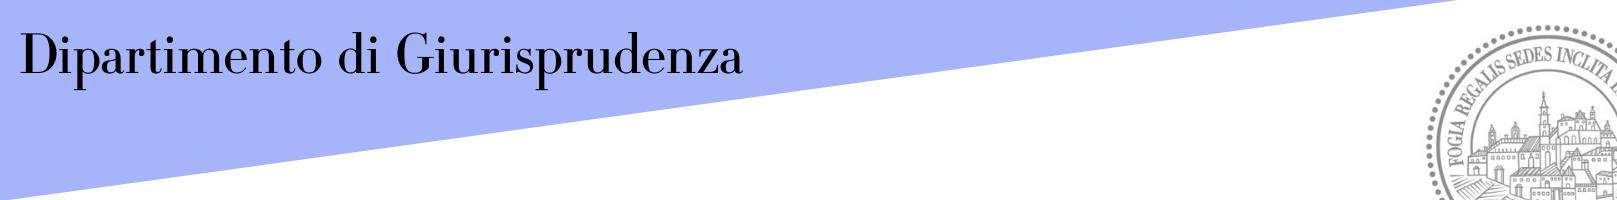 Banner Dipartimento di Giurisprudenza